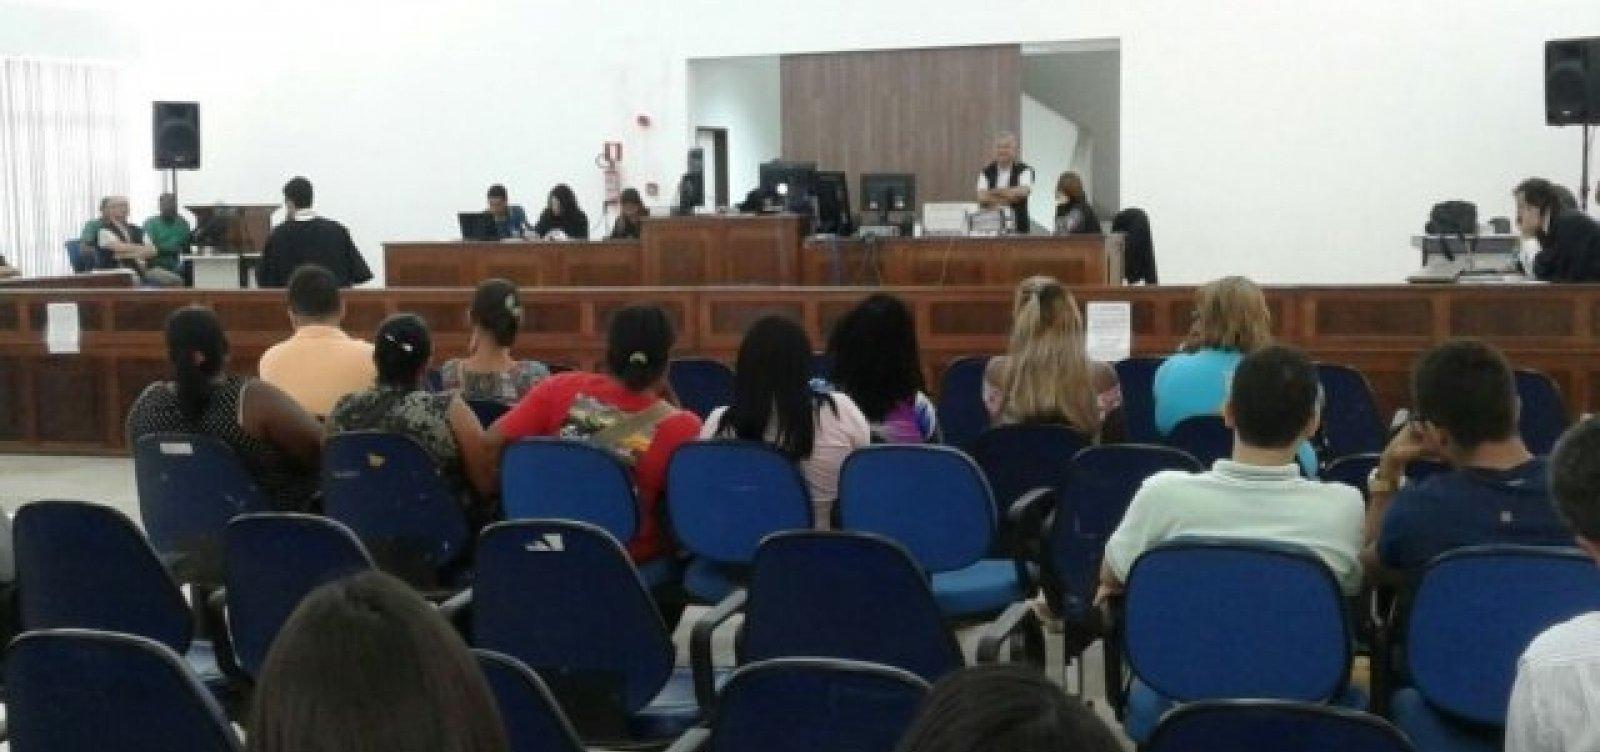 [Associações repudiam insulto de promotor à defensora durante júri em Feira; MP disse que teve contexto]